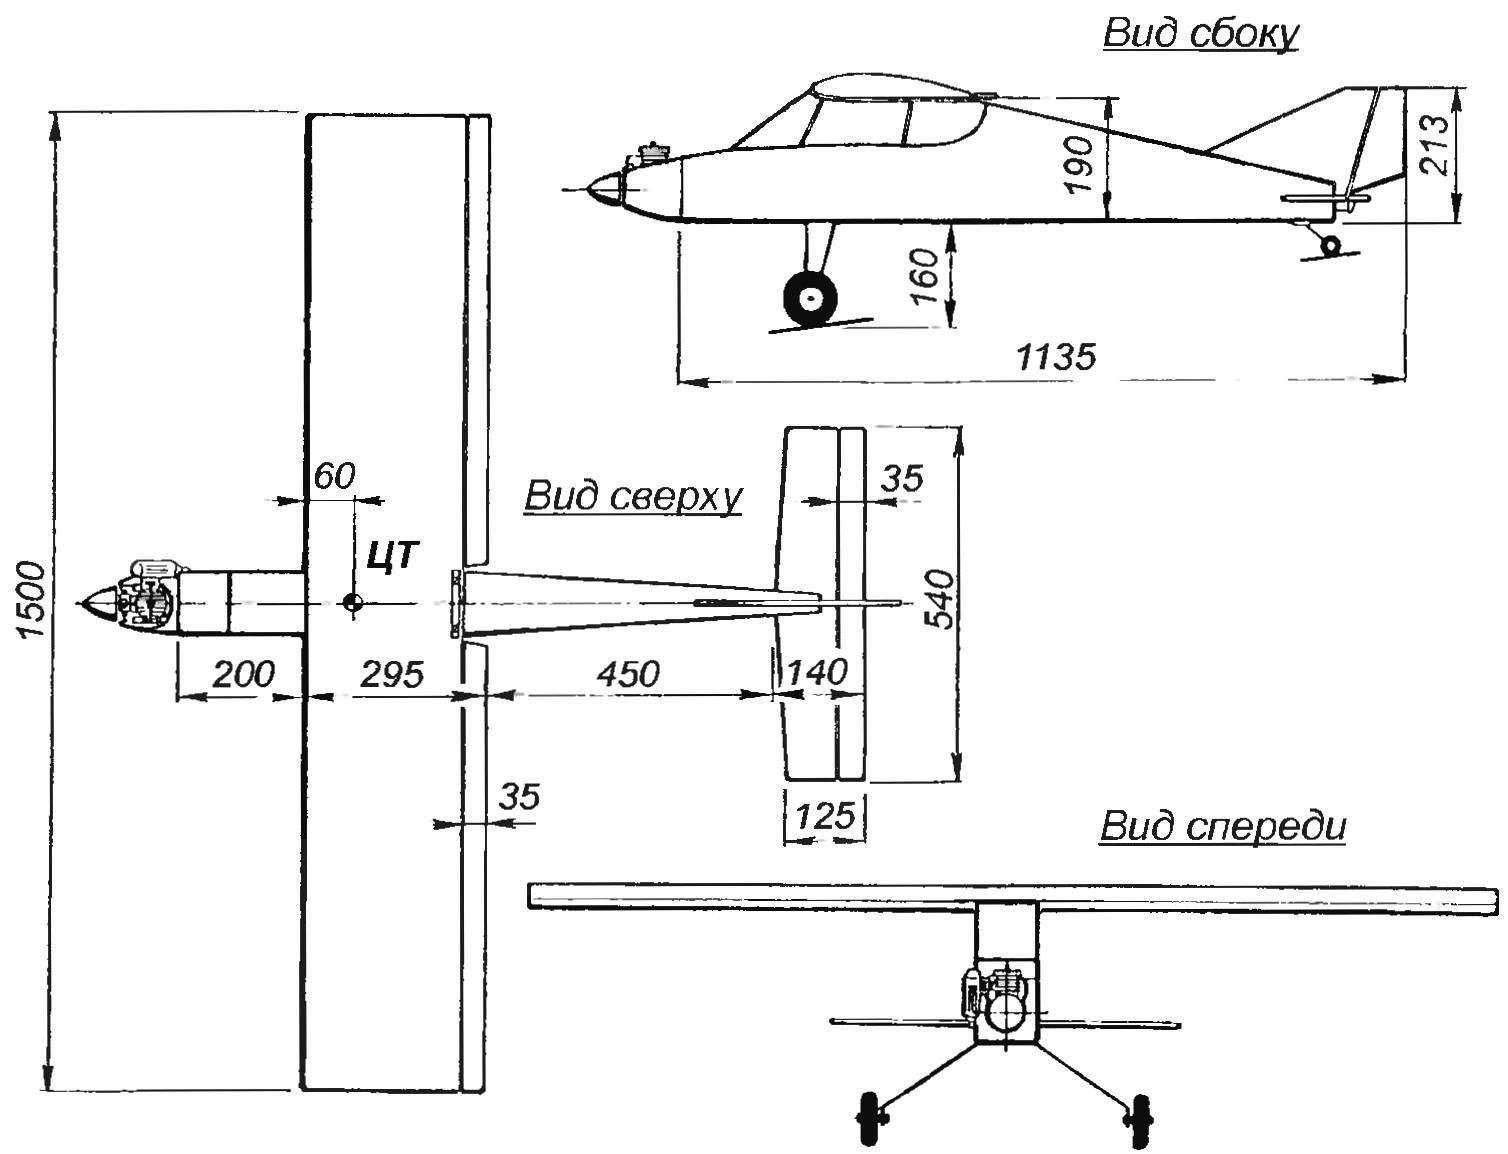 Геометрическая схема учебной радиоуправляемой модели самолета